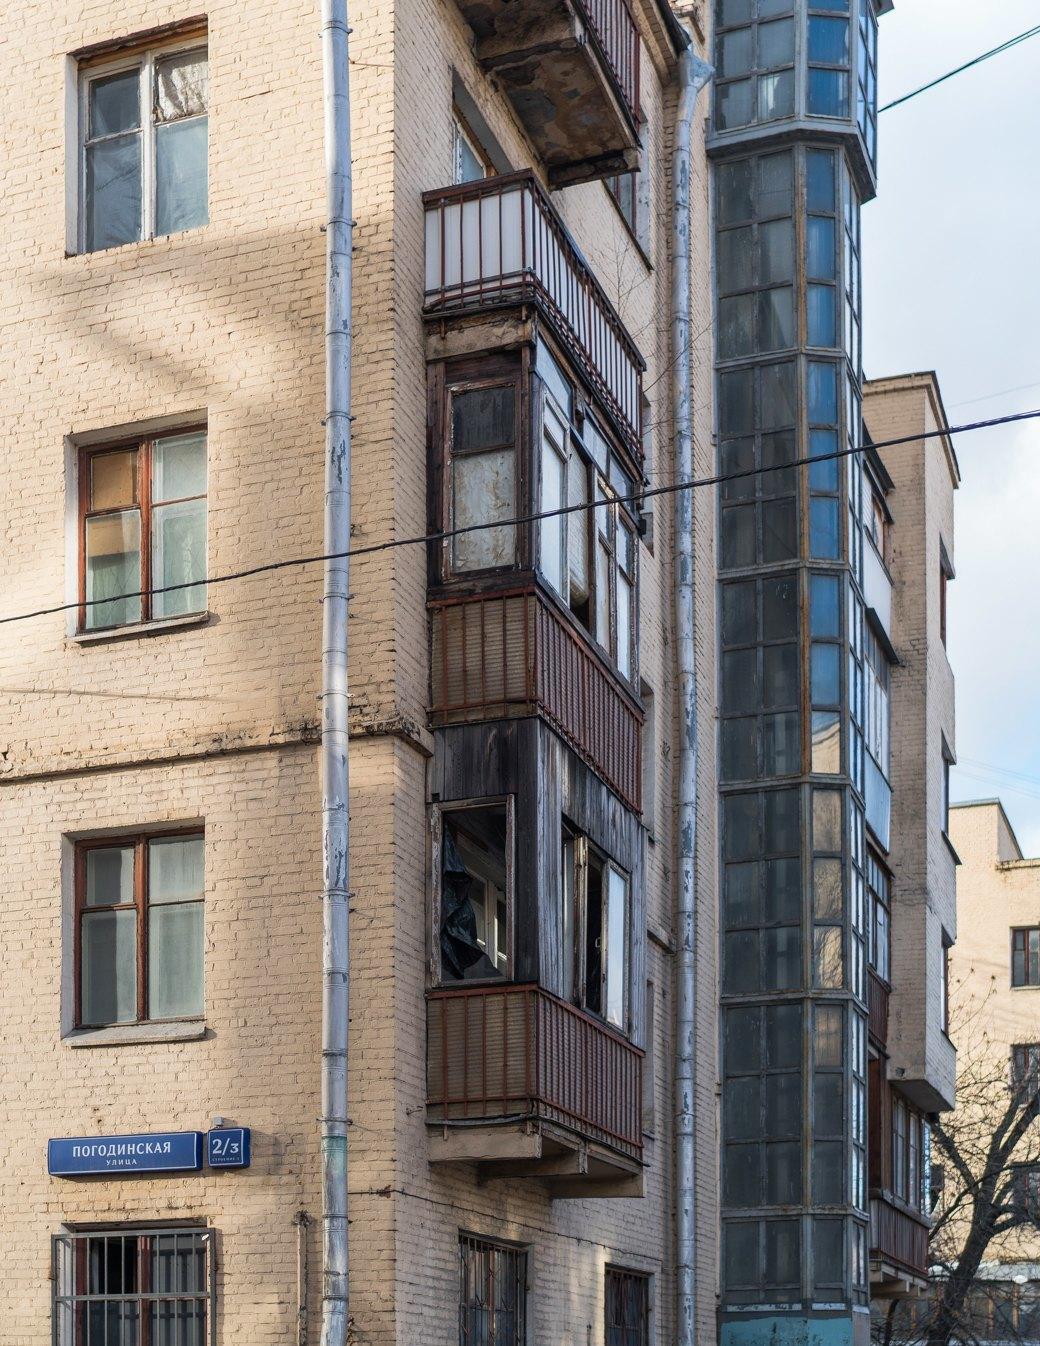 Спасти и сохранить: Нуженли Москве квартал «Погодинская». Изображение № 6.